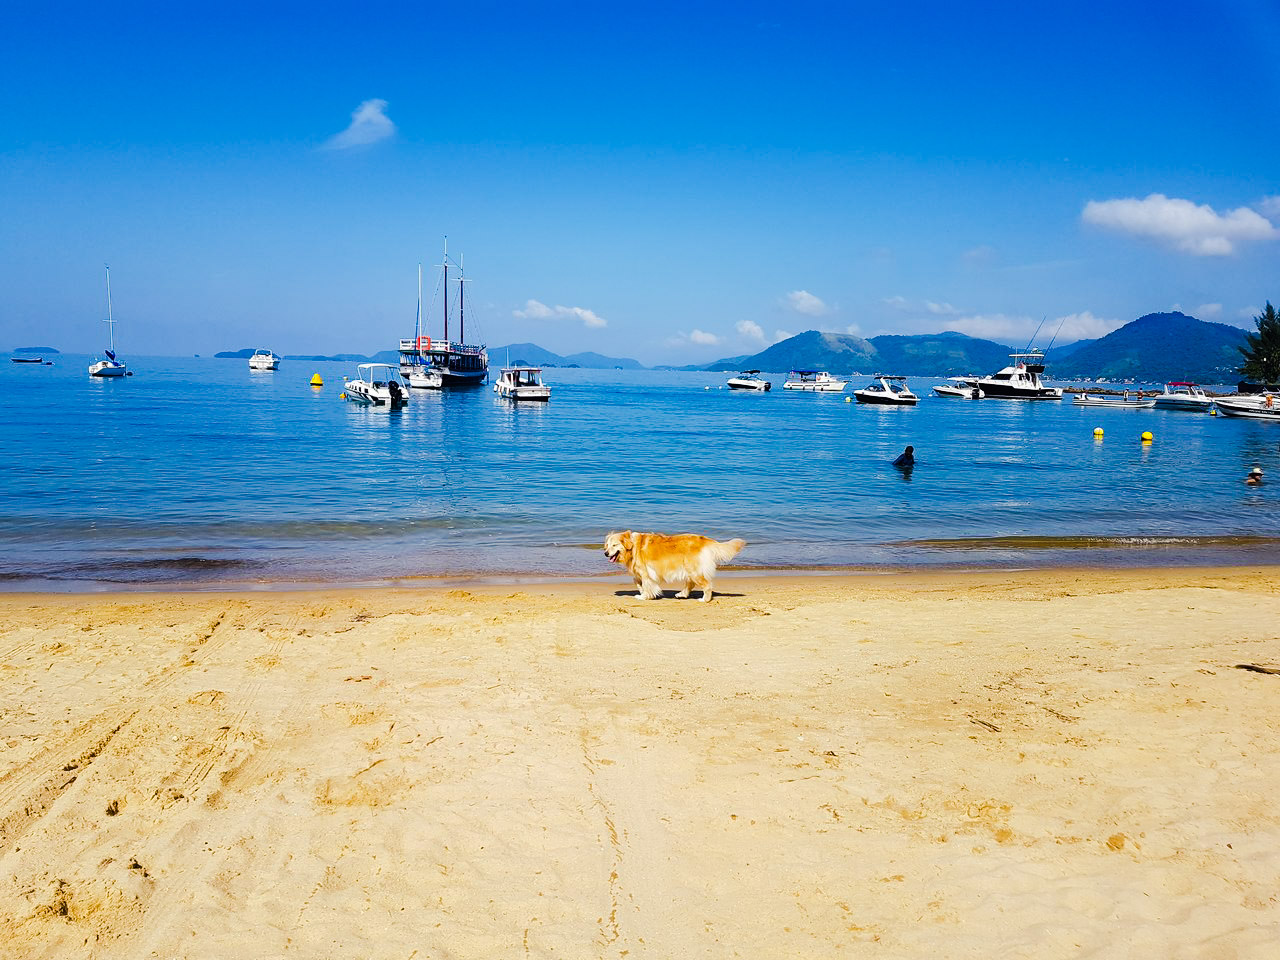 praia-biscaia-angra-cachorro-pet-friendly